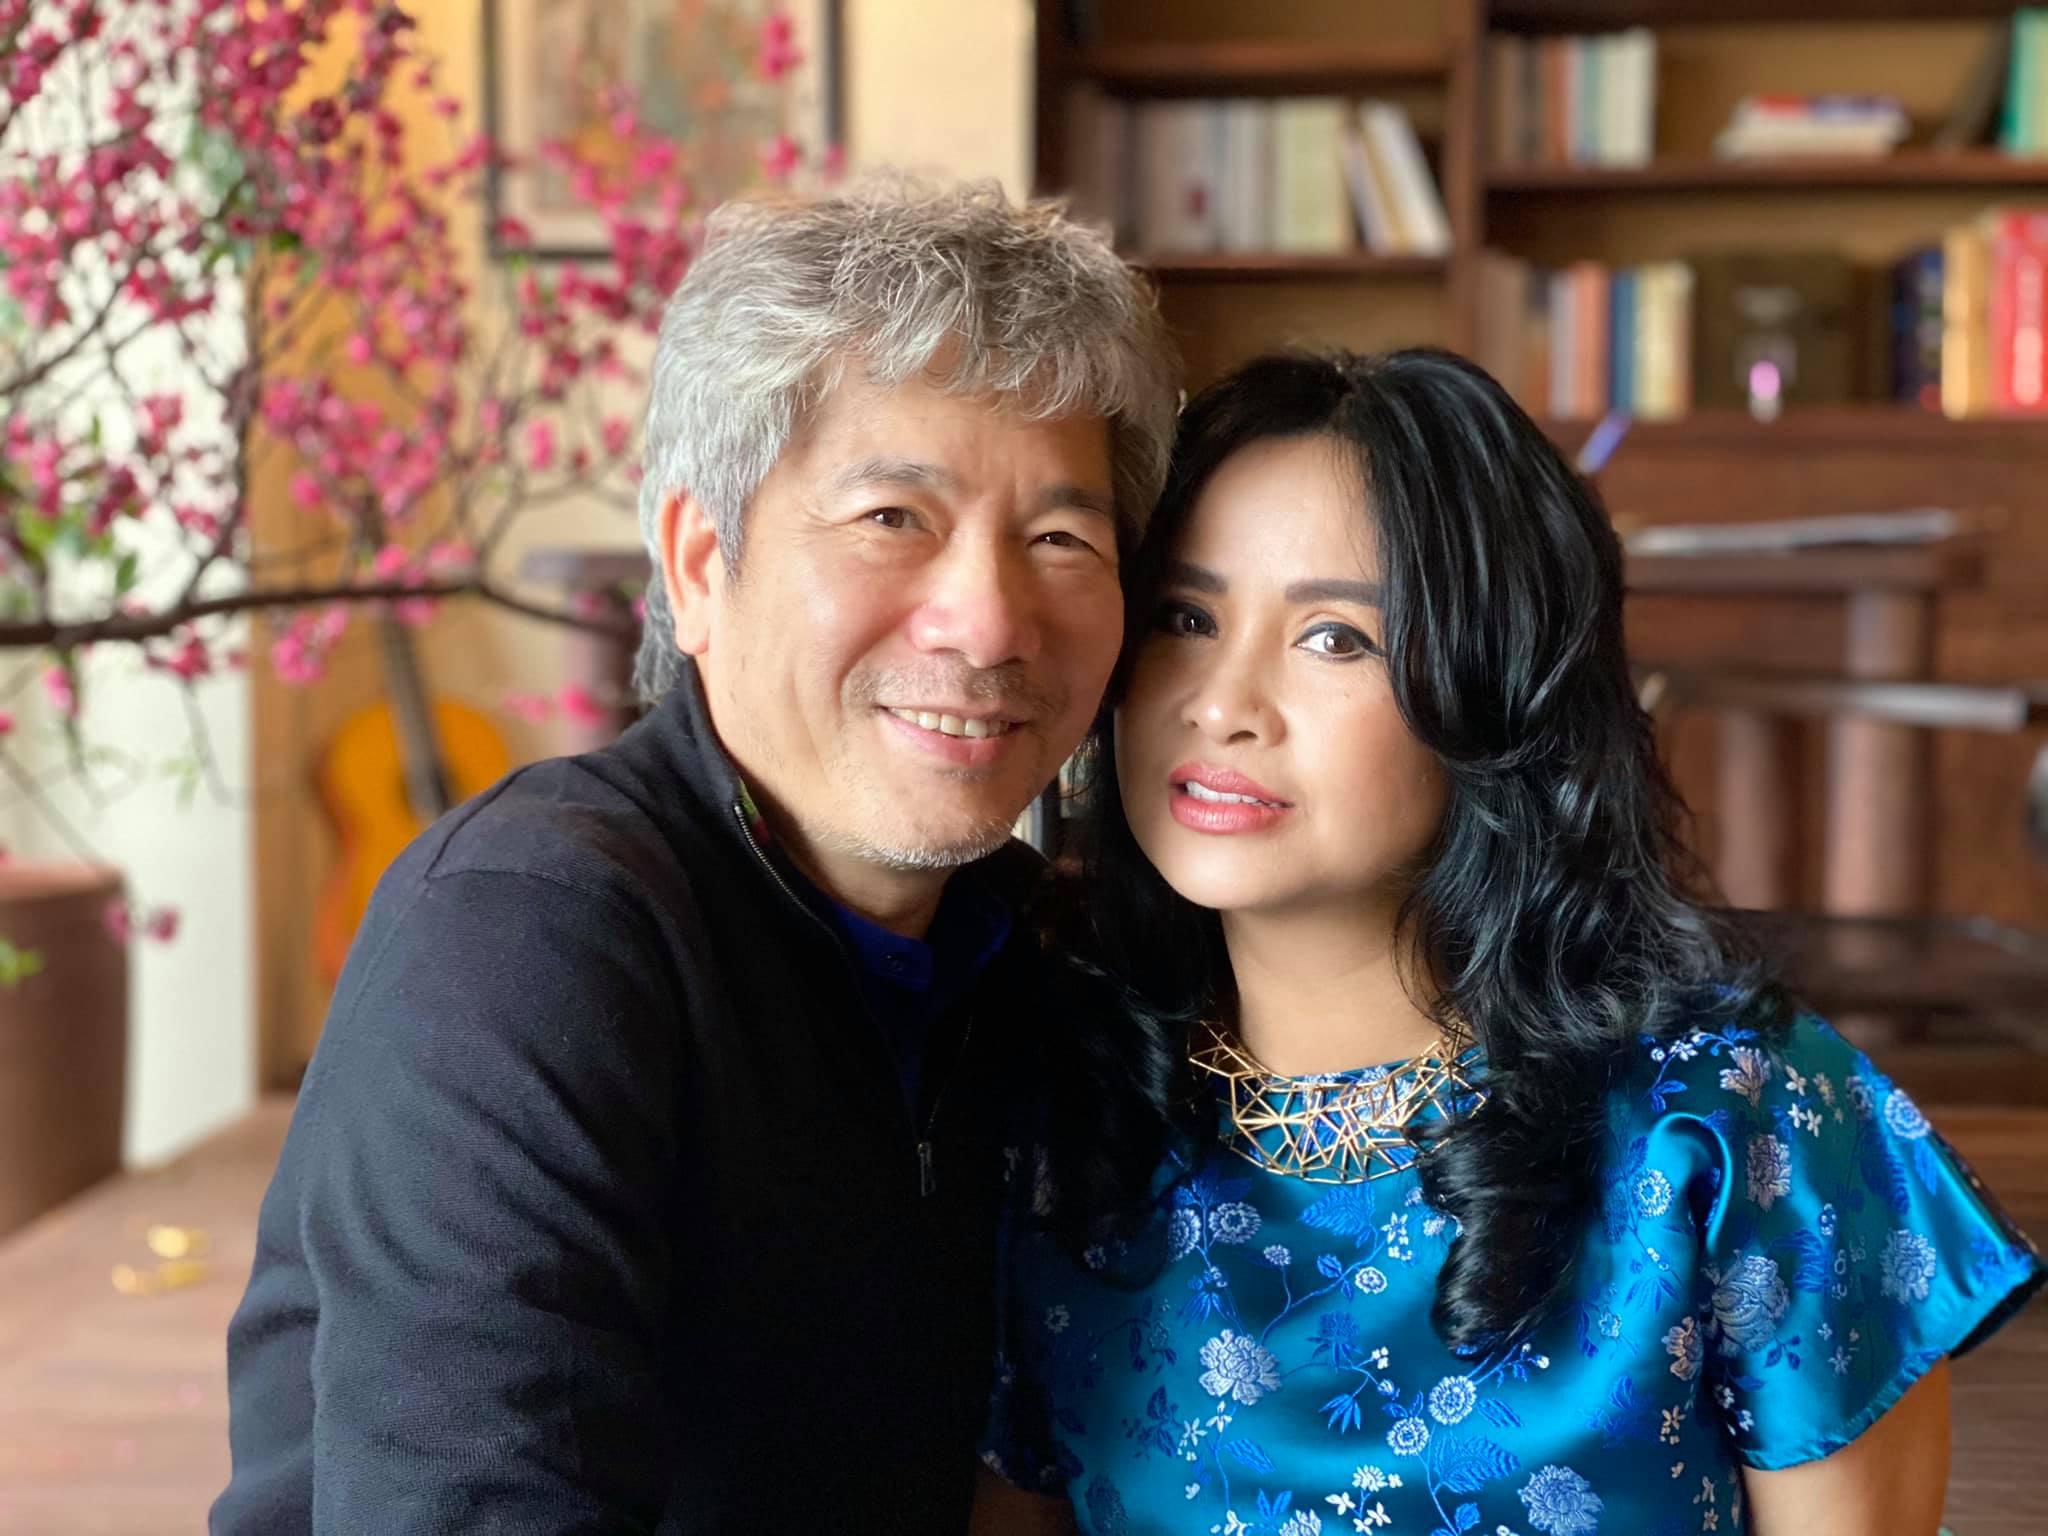 Diva Thanh Lam: Phật pháp giúp tôi bớt sân si, nóng giận và biết như nào là đủ - Ảnh 3.